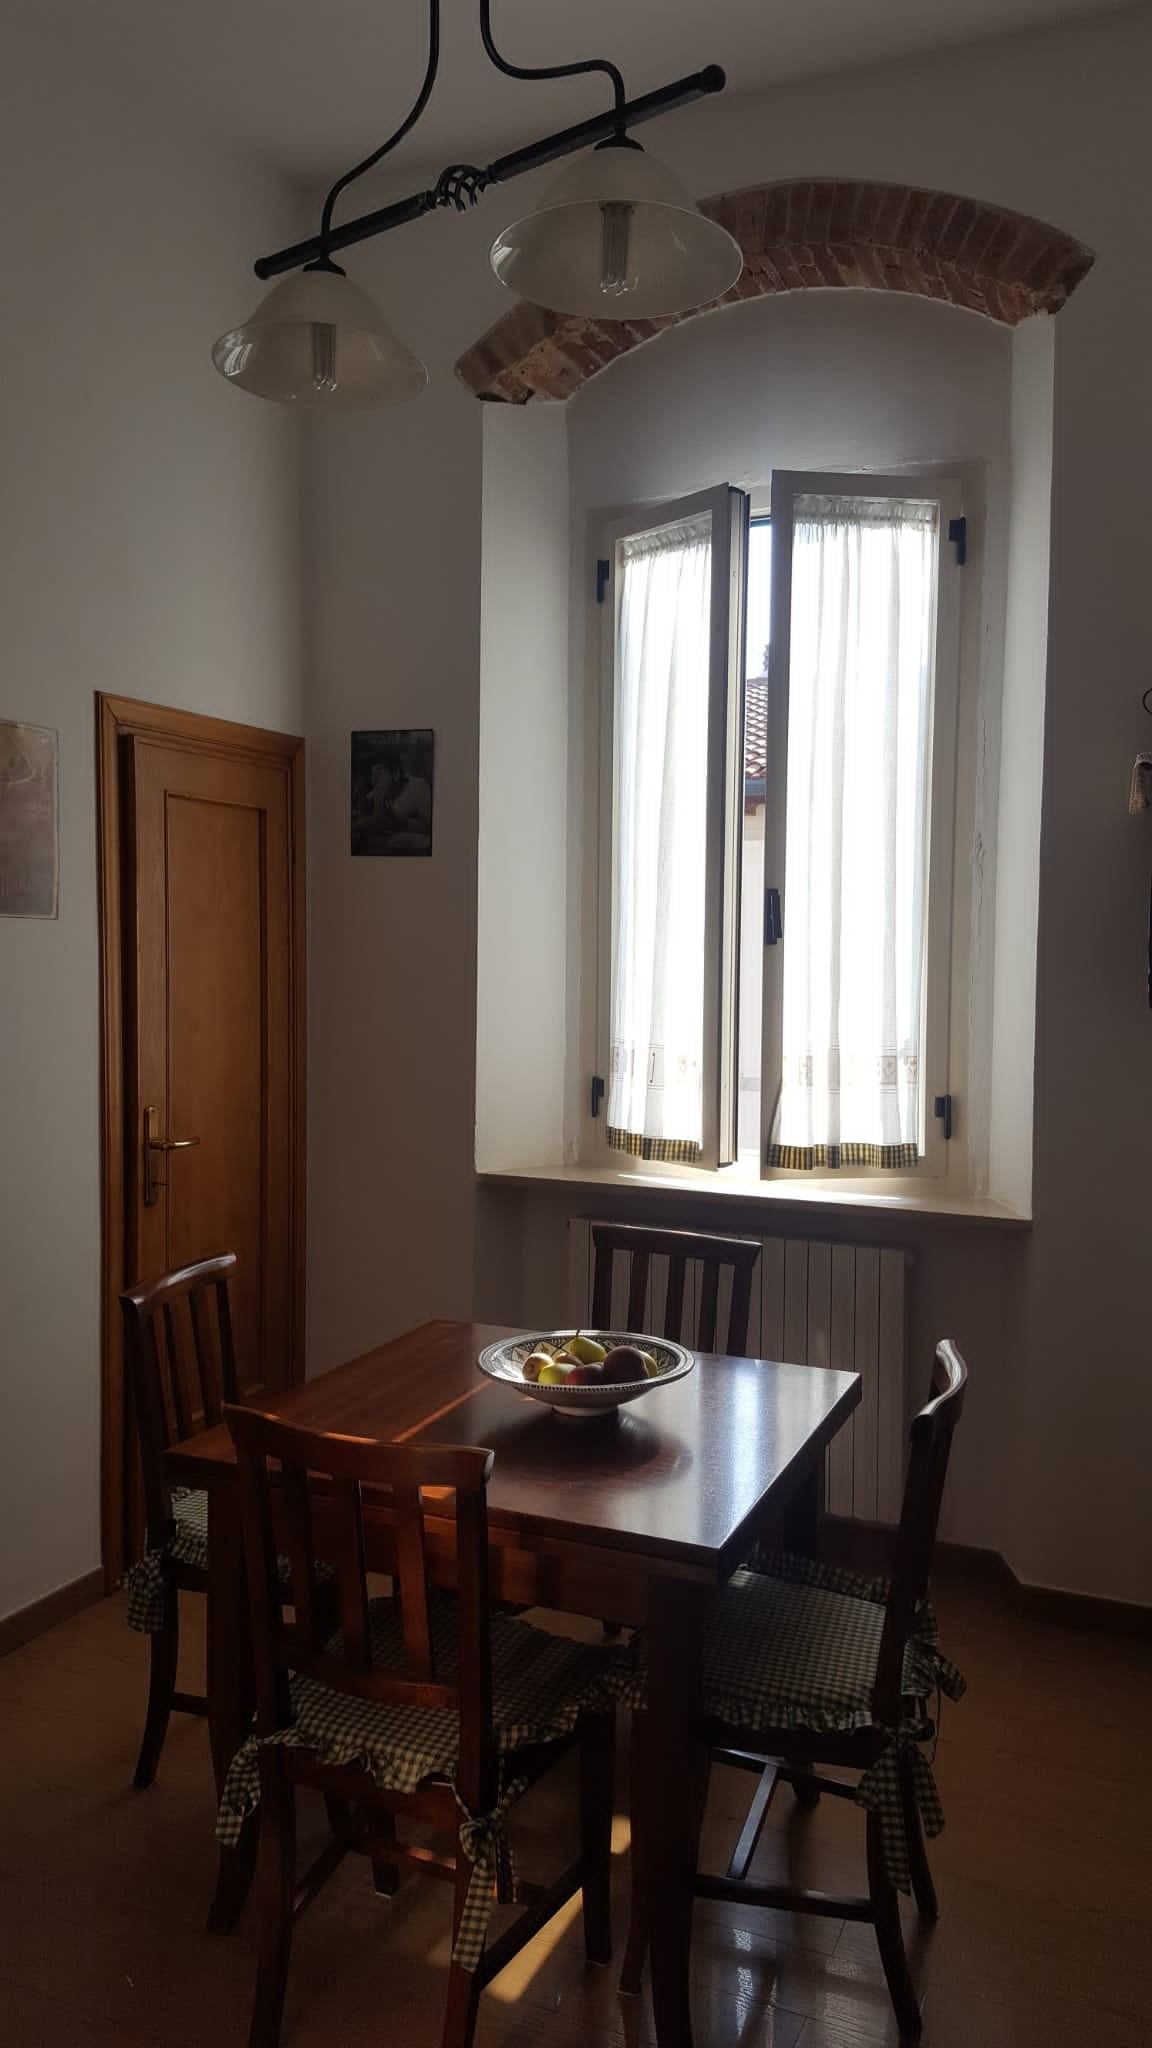 Appartamento in vendita a S. Jacopo, Livorno (LI)